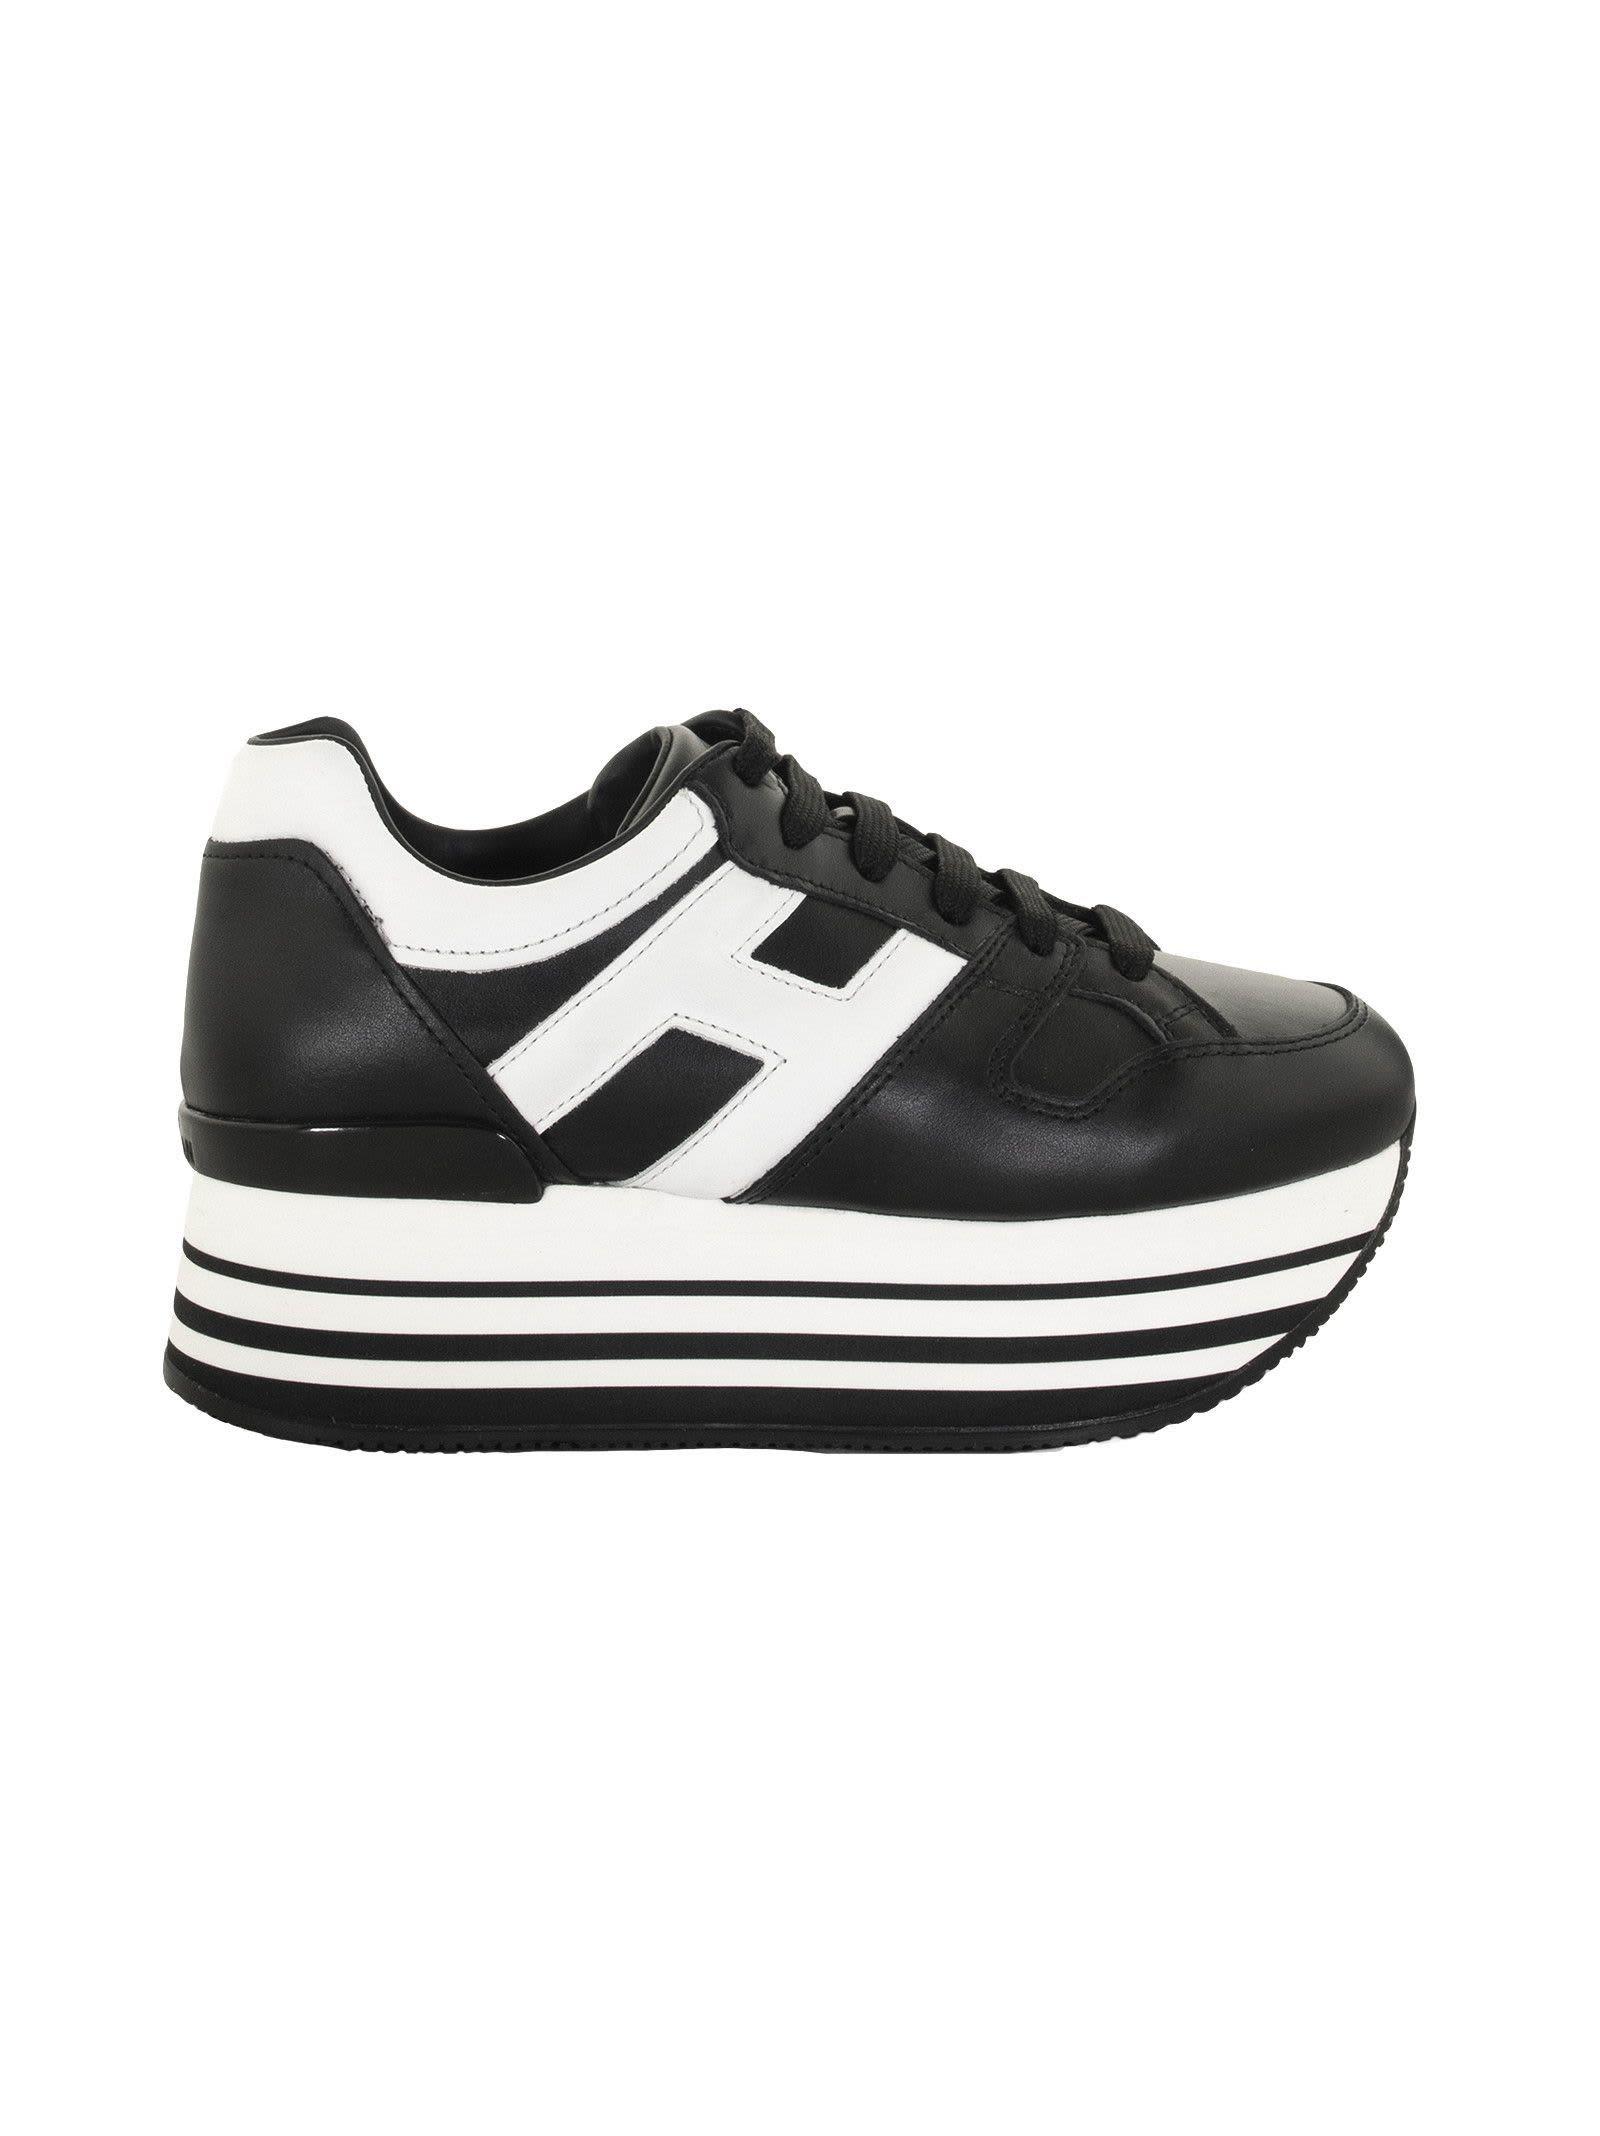 Hogan Maxi H222 Leather Sneakers | Compare | Grazia